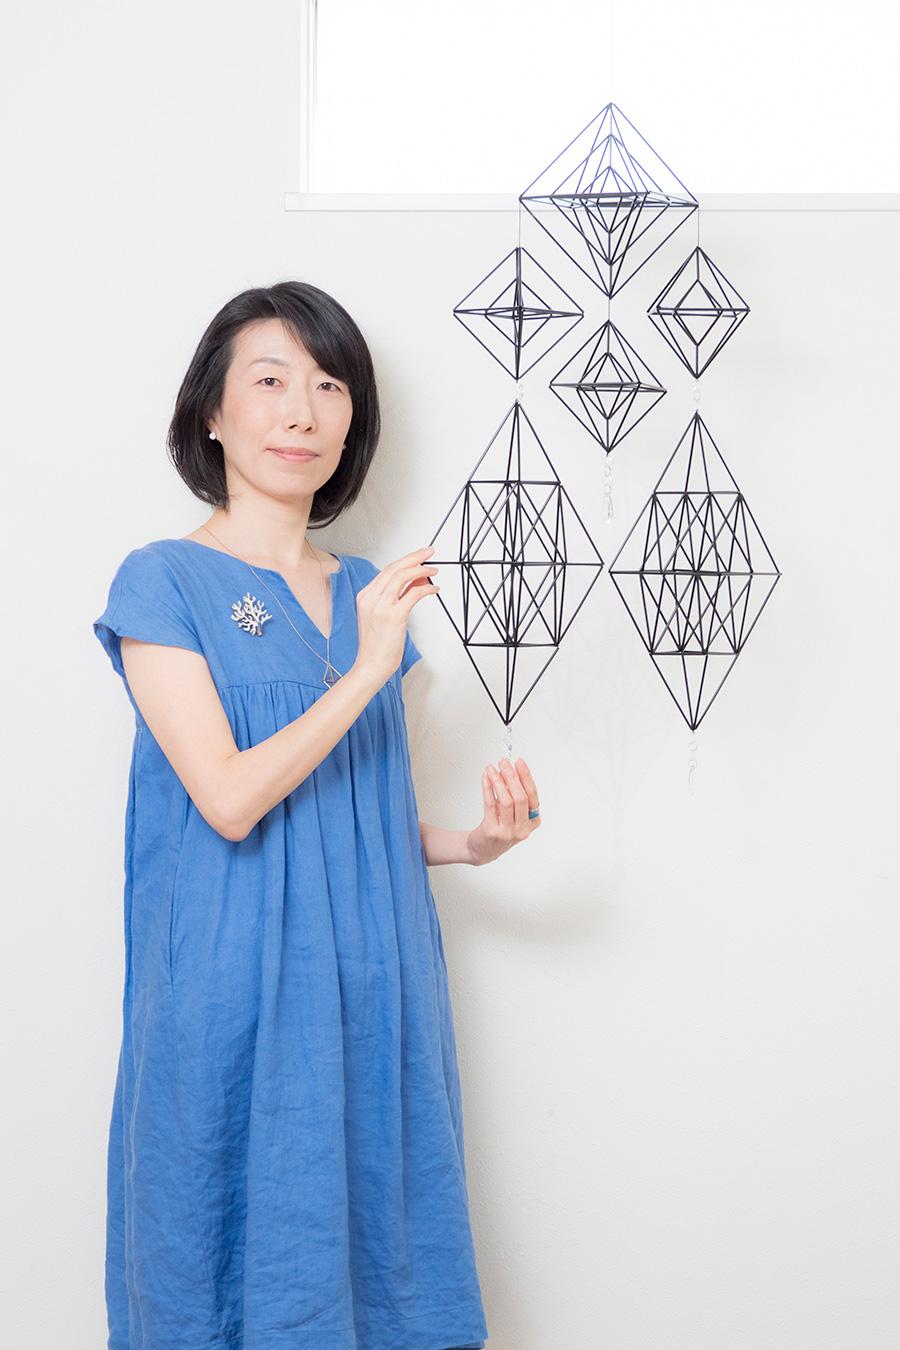 ヒンメリのおか 大岡真奈さん。独学で様々なヒンメリの形を考案。ワークショップなどを各地で開催。著書に「幾何学模様の美しいヒンメリ」(河出書房新社)など。